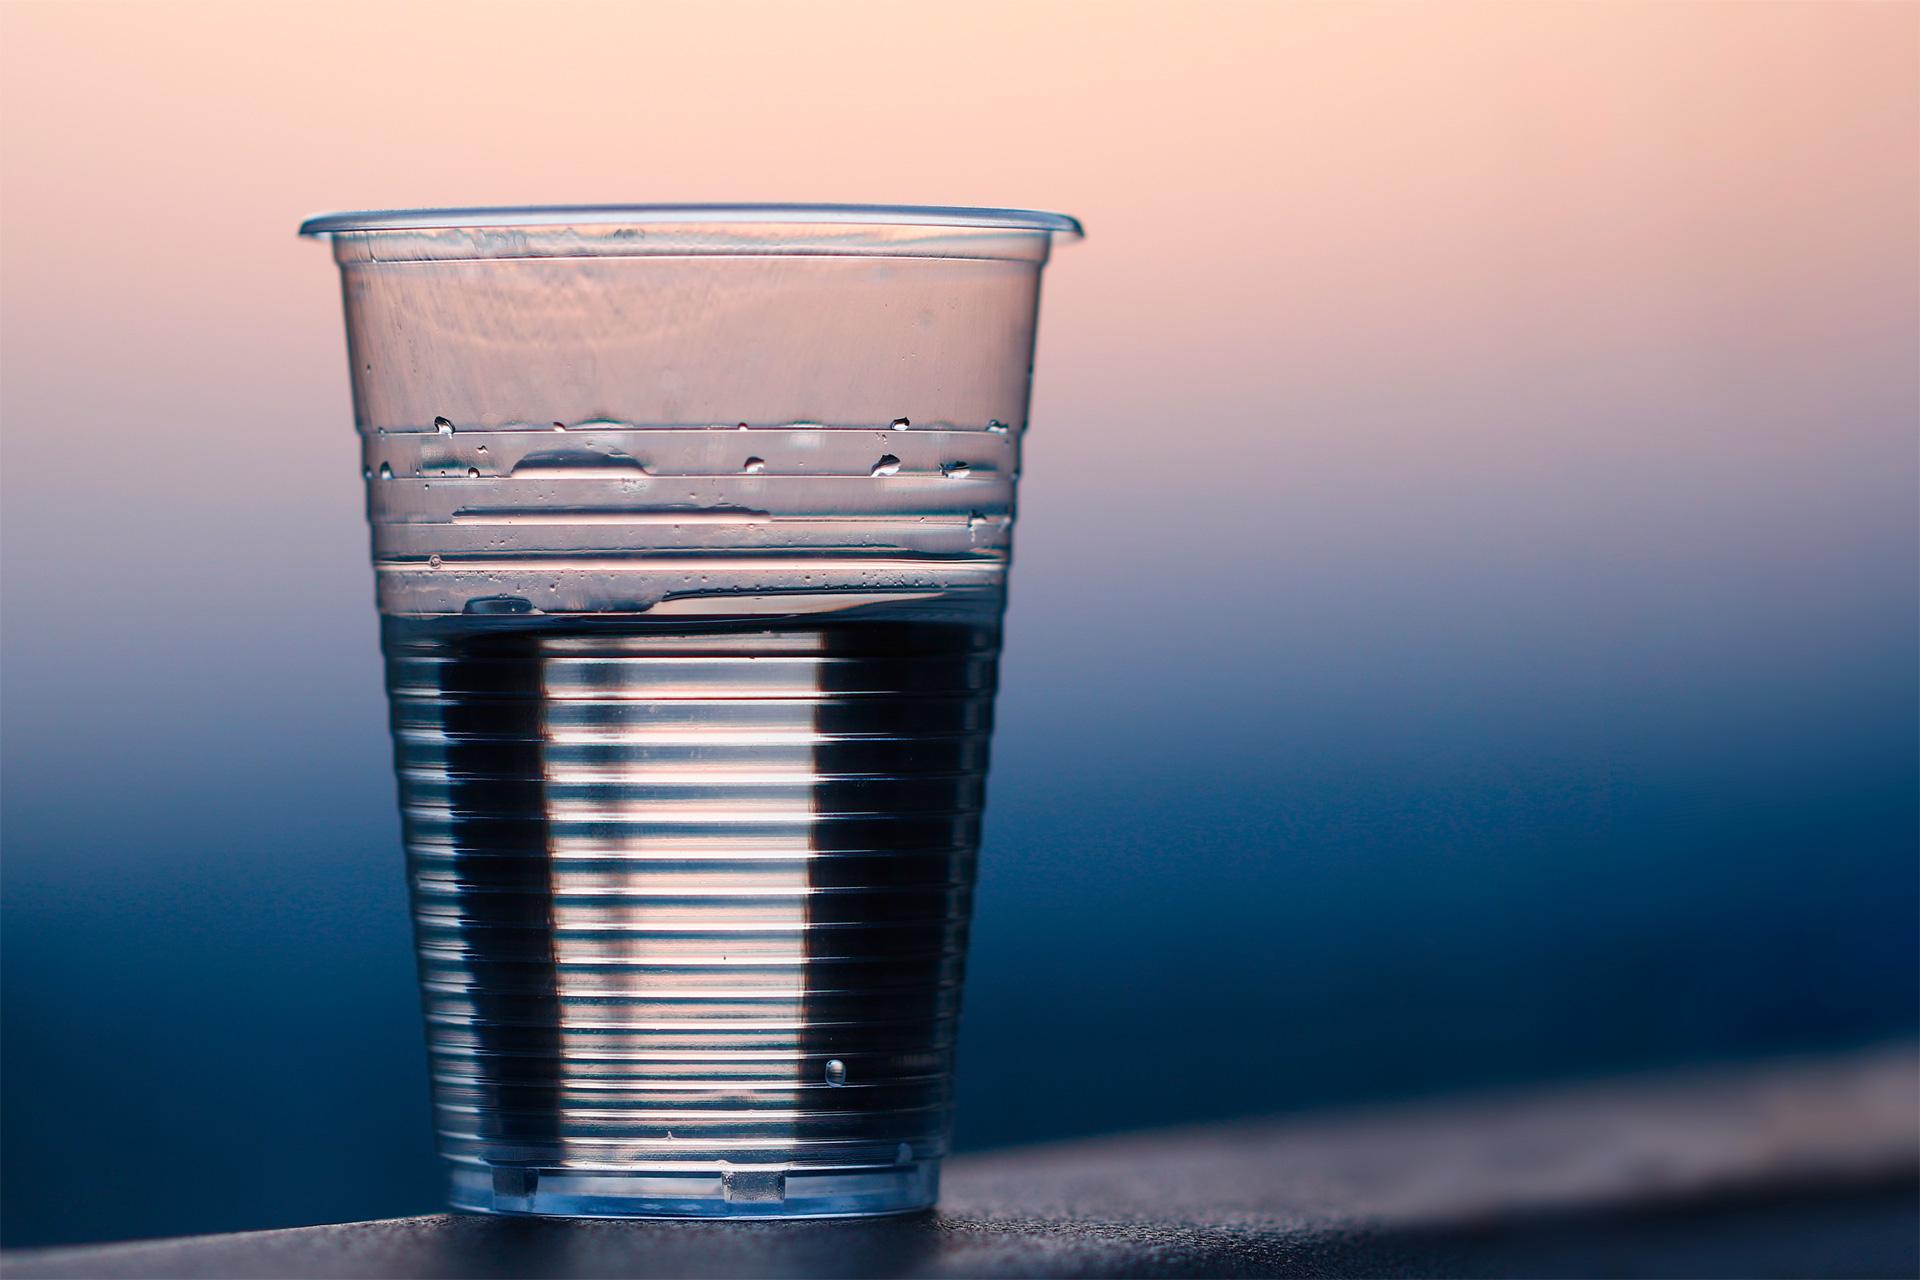 Gesundes Trinkwasser direkt aus der Quelle